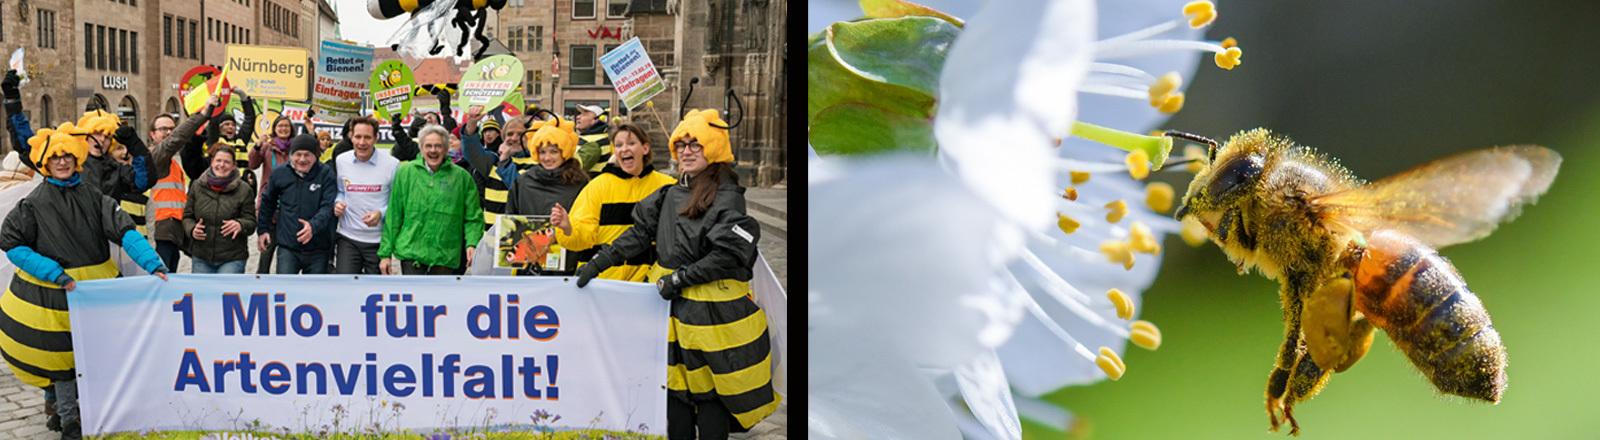 Teilnehmer des Volksbegehren zur Bienenrettung in München und eine Biene.